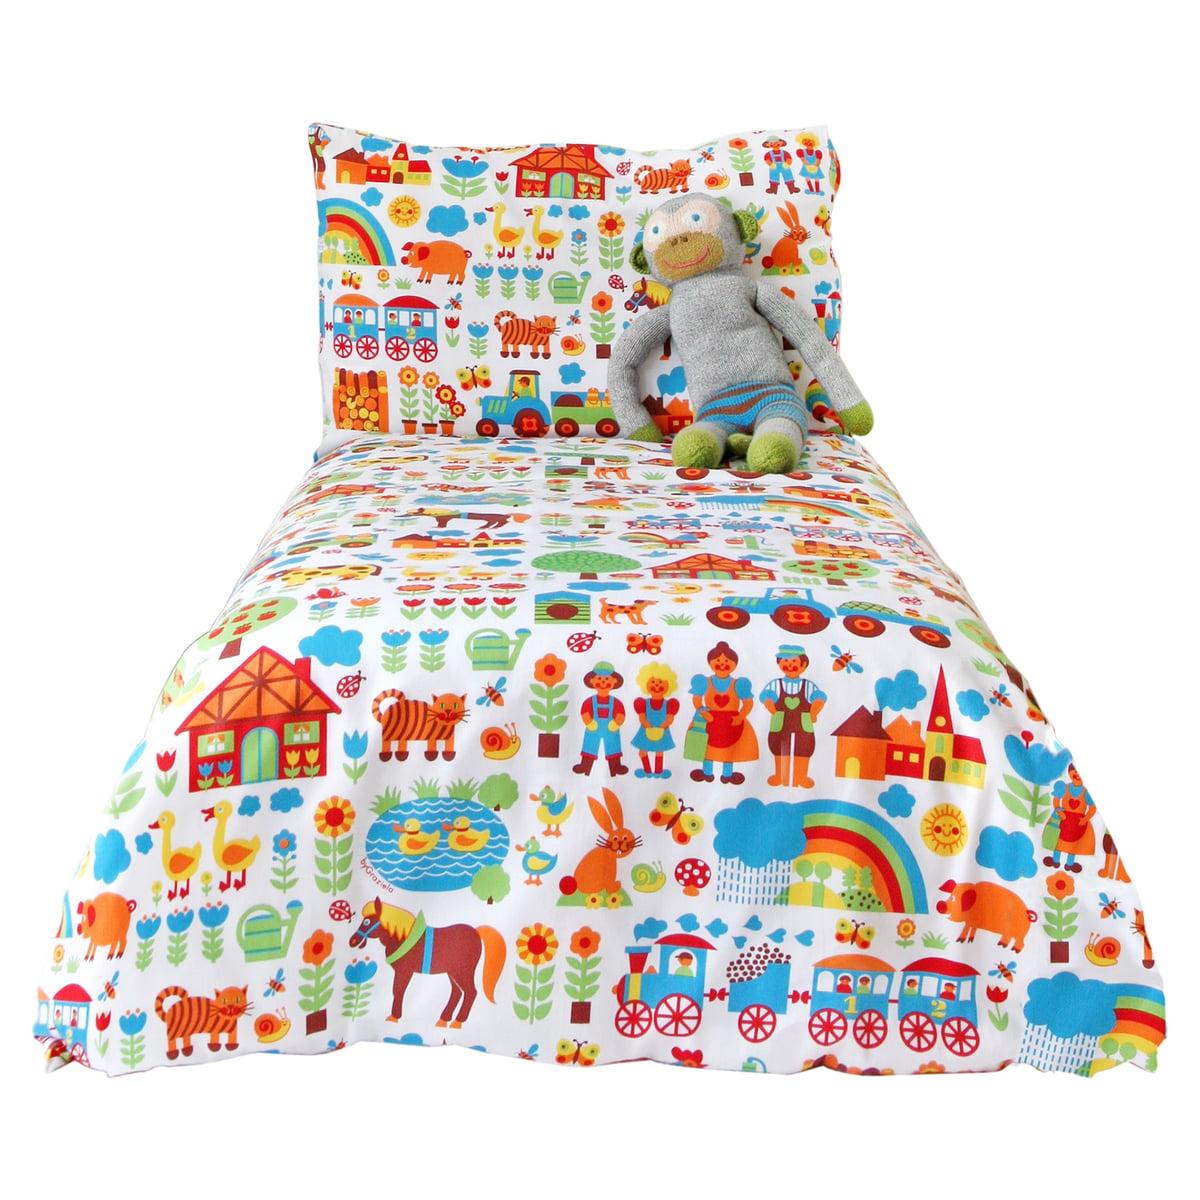 Entzückend Kinderbettwäsche Galerie Von Kinderbettwäsche Von Bygraziela